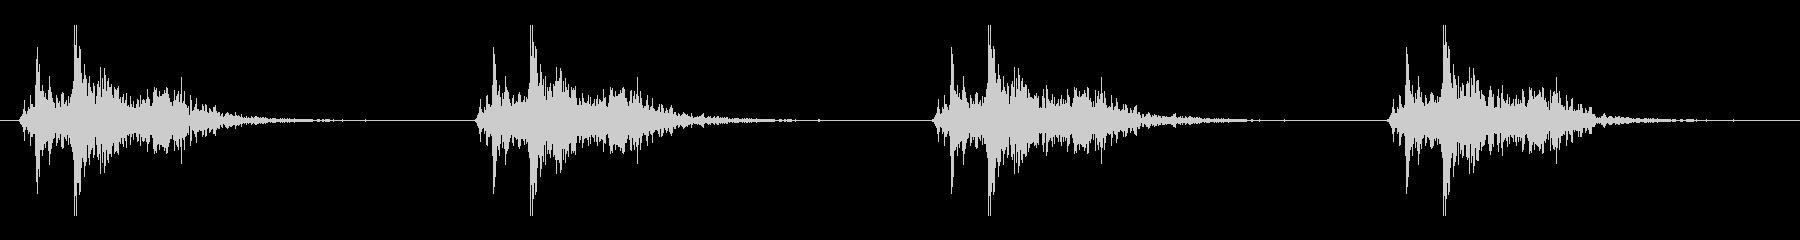 ガチャ×4(ブロックが固まったような音)の未再生の波形